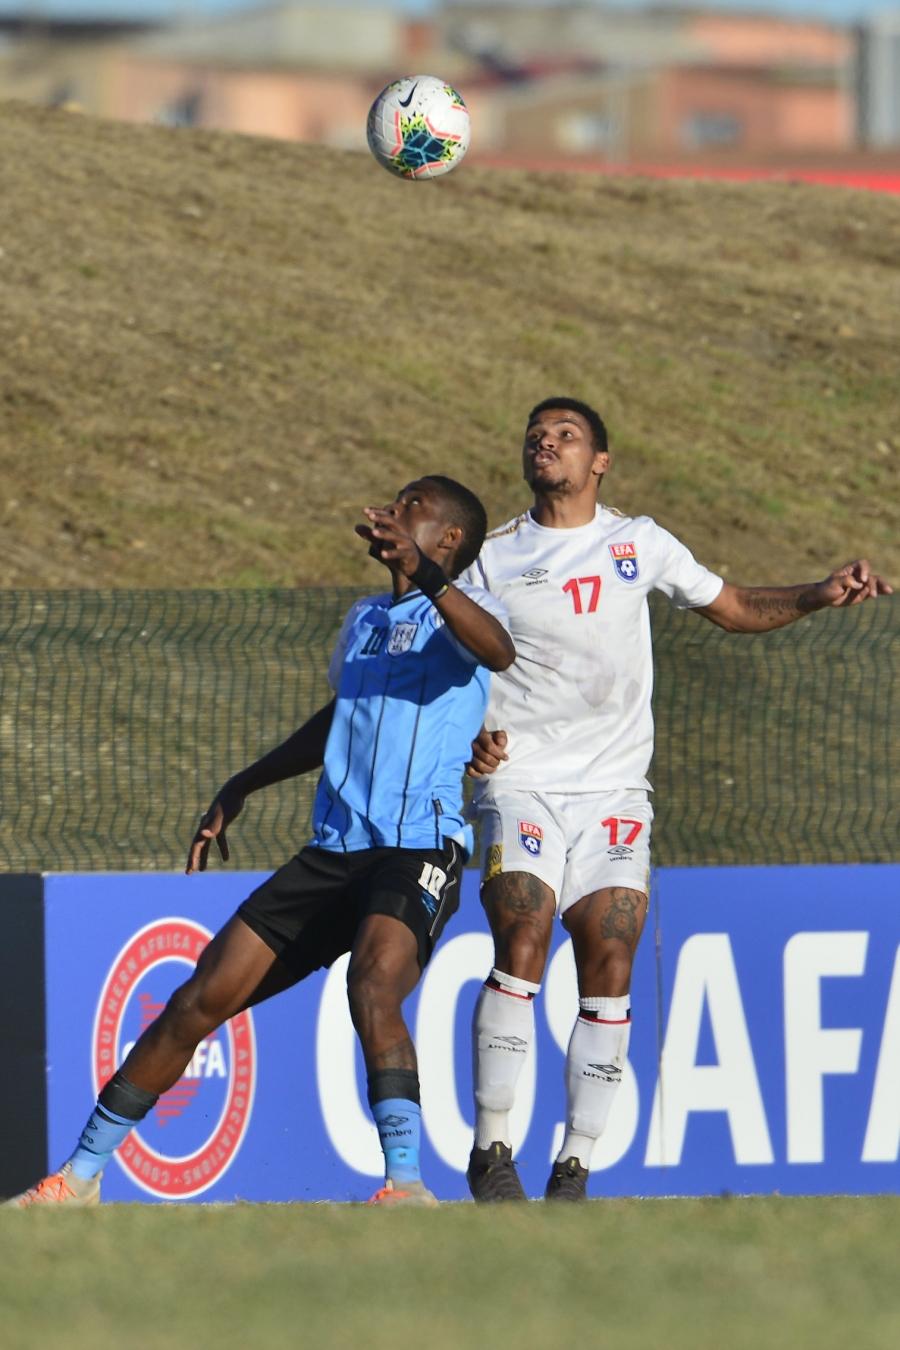 SIHLANGU IN THE COSAFA 2021 SEMI-FINALS